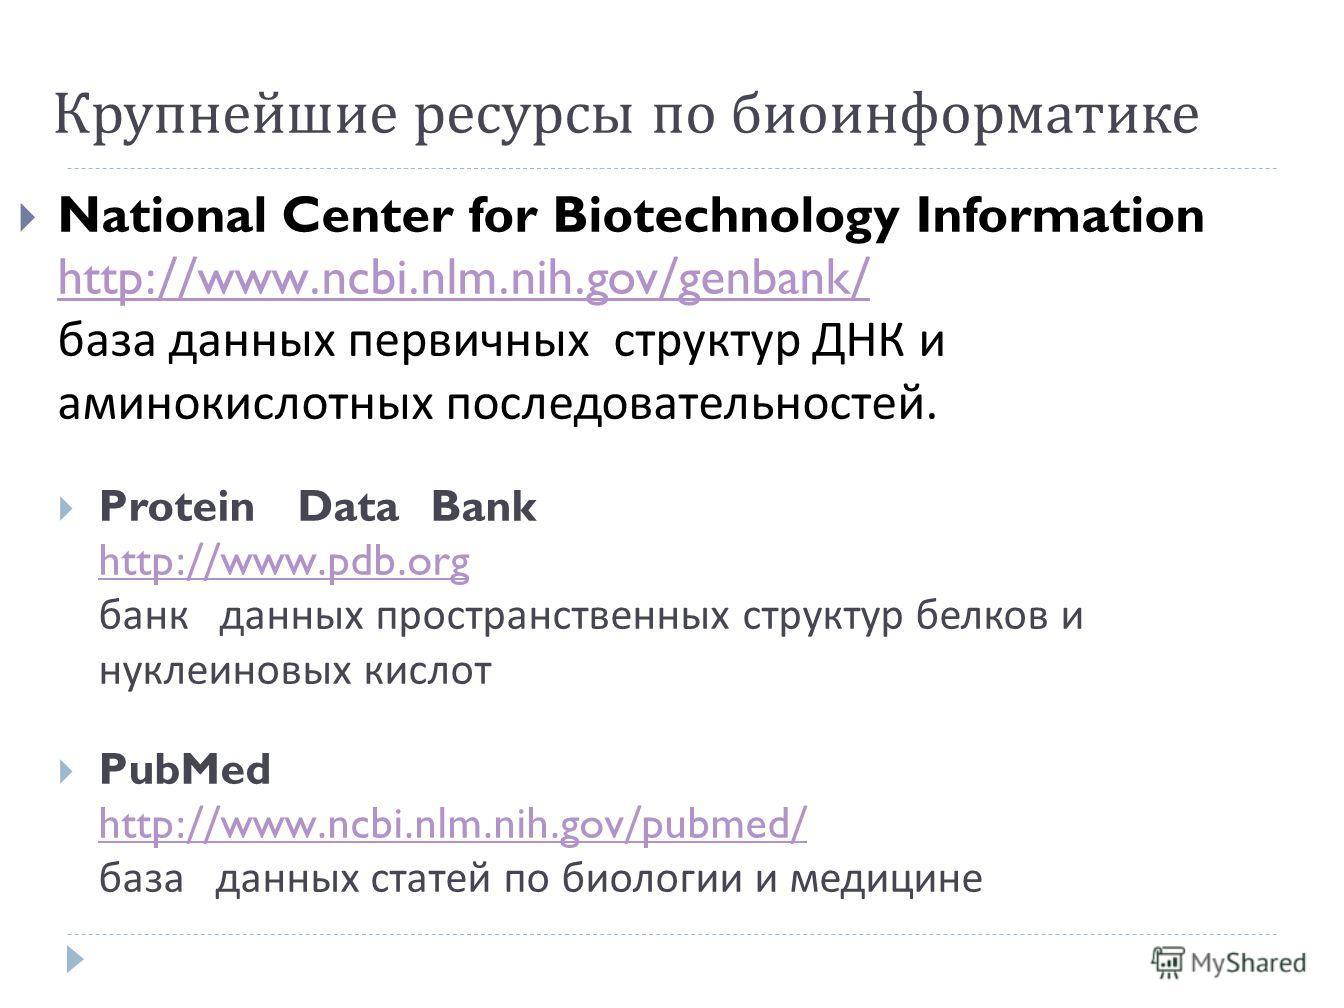 Крупнейшие ресурсы по биоинформатике National Center for Biotechnology Information http://www.ncbi.nlm.nih.gov/genbank/ база данных первичных структур ДНК и аминокислотных последовательностей. http://www.ncbi.nlm.nih.gov/genbank/ Protein Data Bank ht